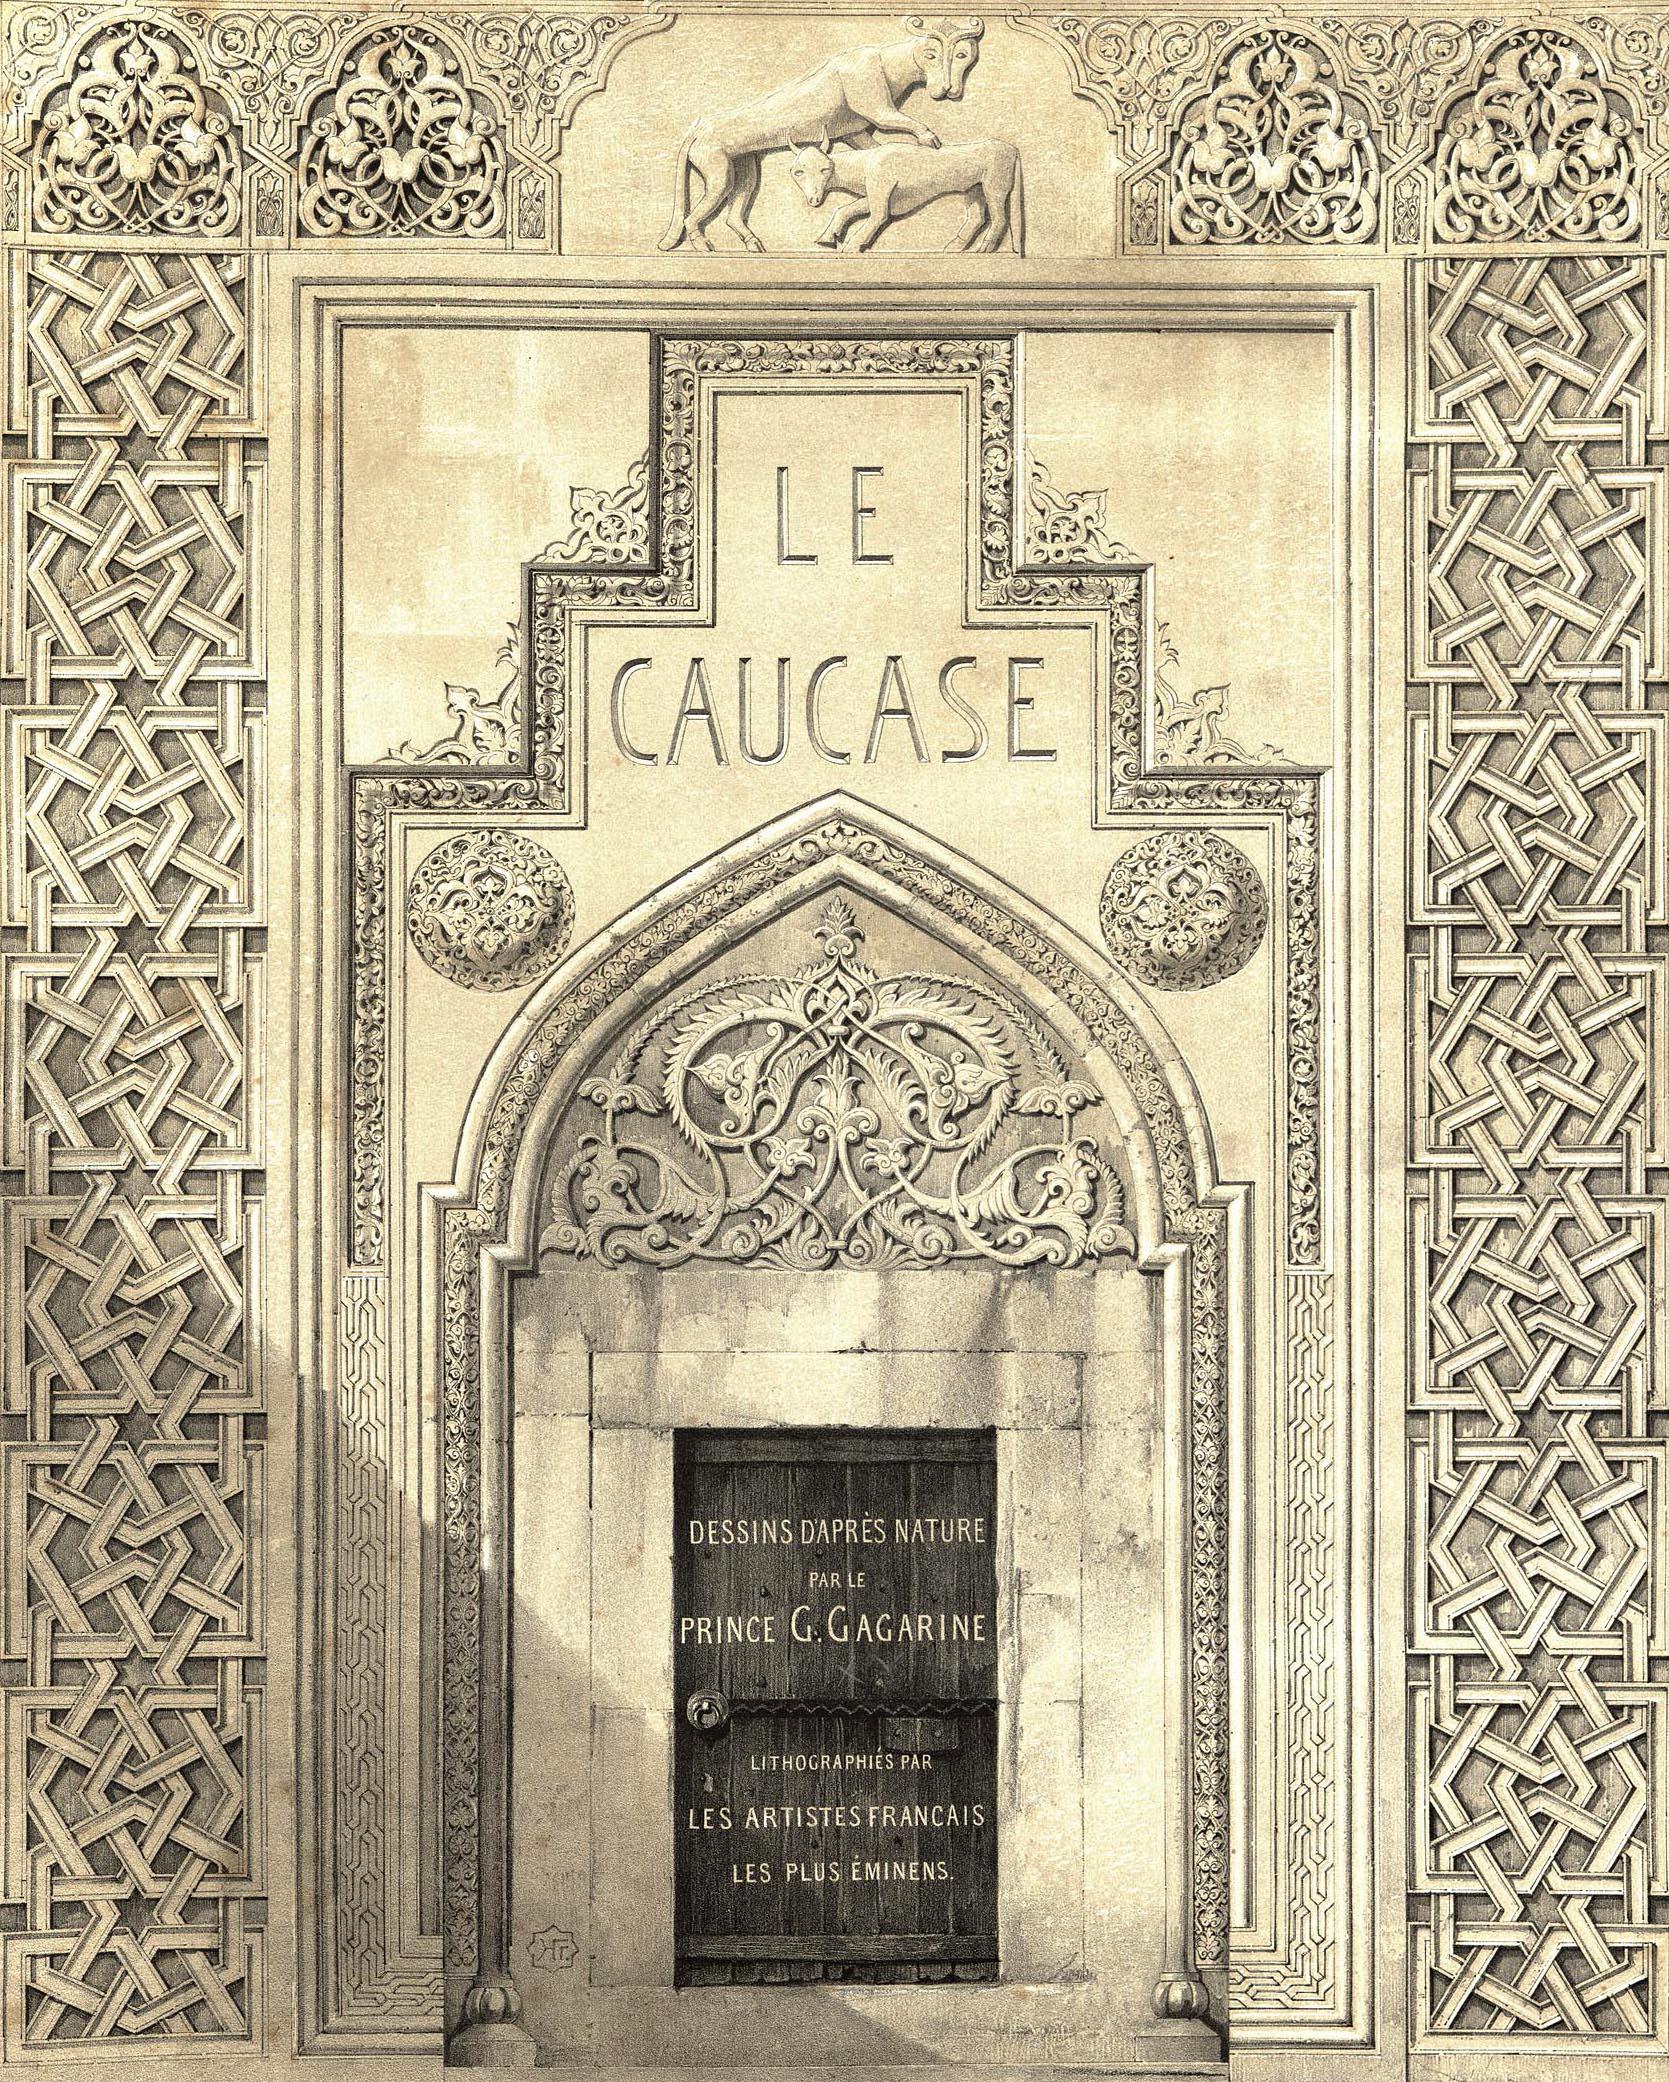 Титульный лист издания, изображен монастырь Гегард (Армения, внесён ЮНЕСКО в список объектов Всемирного культурного наследия)